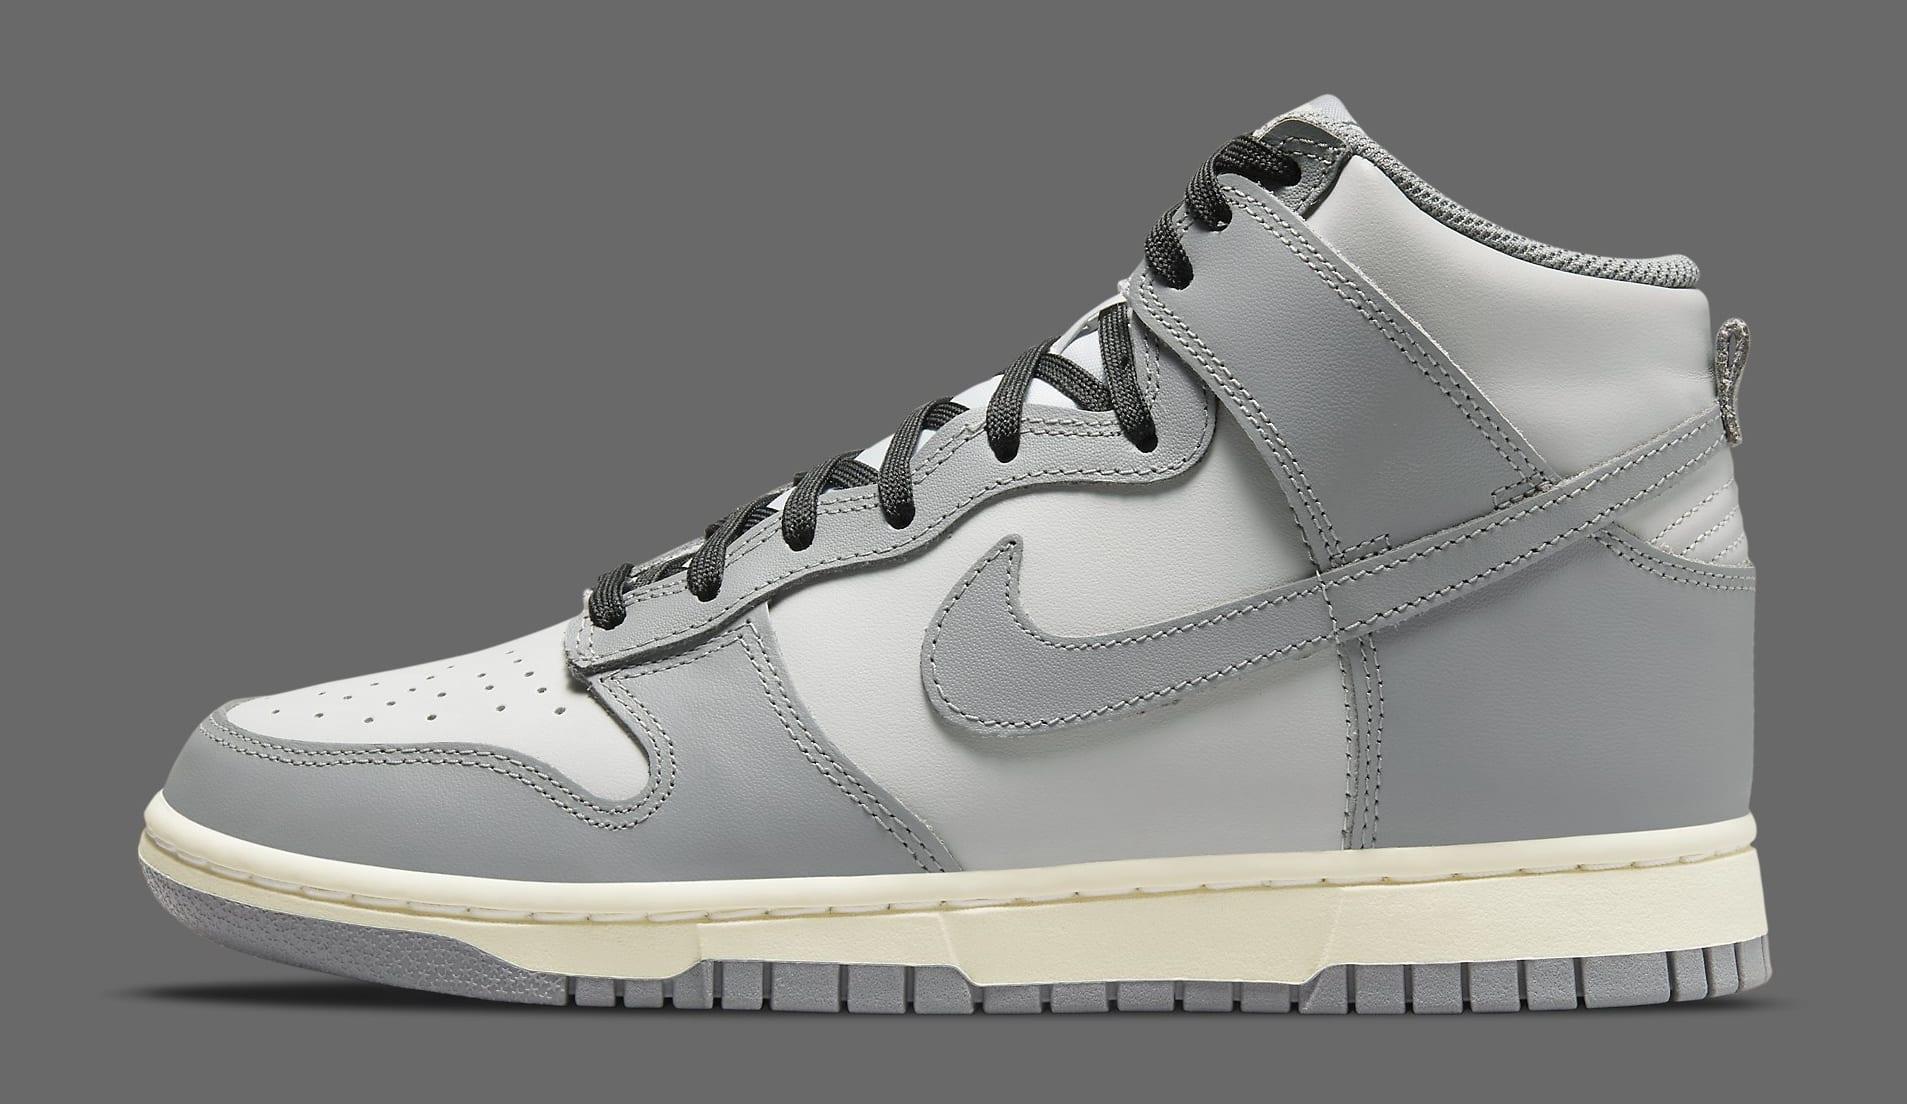 Nike Dunk High 'Grey' DD1869-001 Lateral